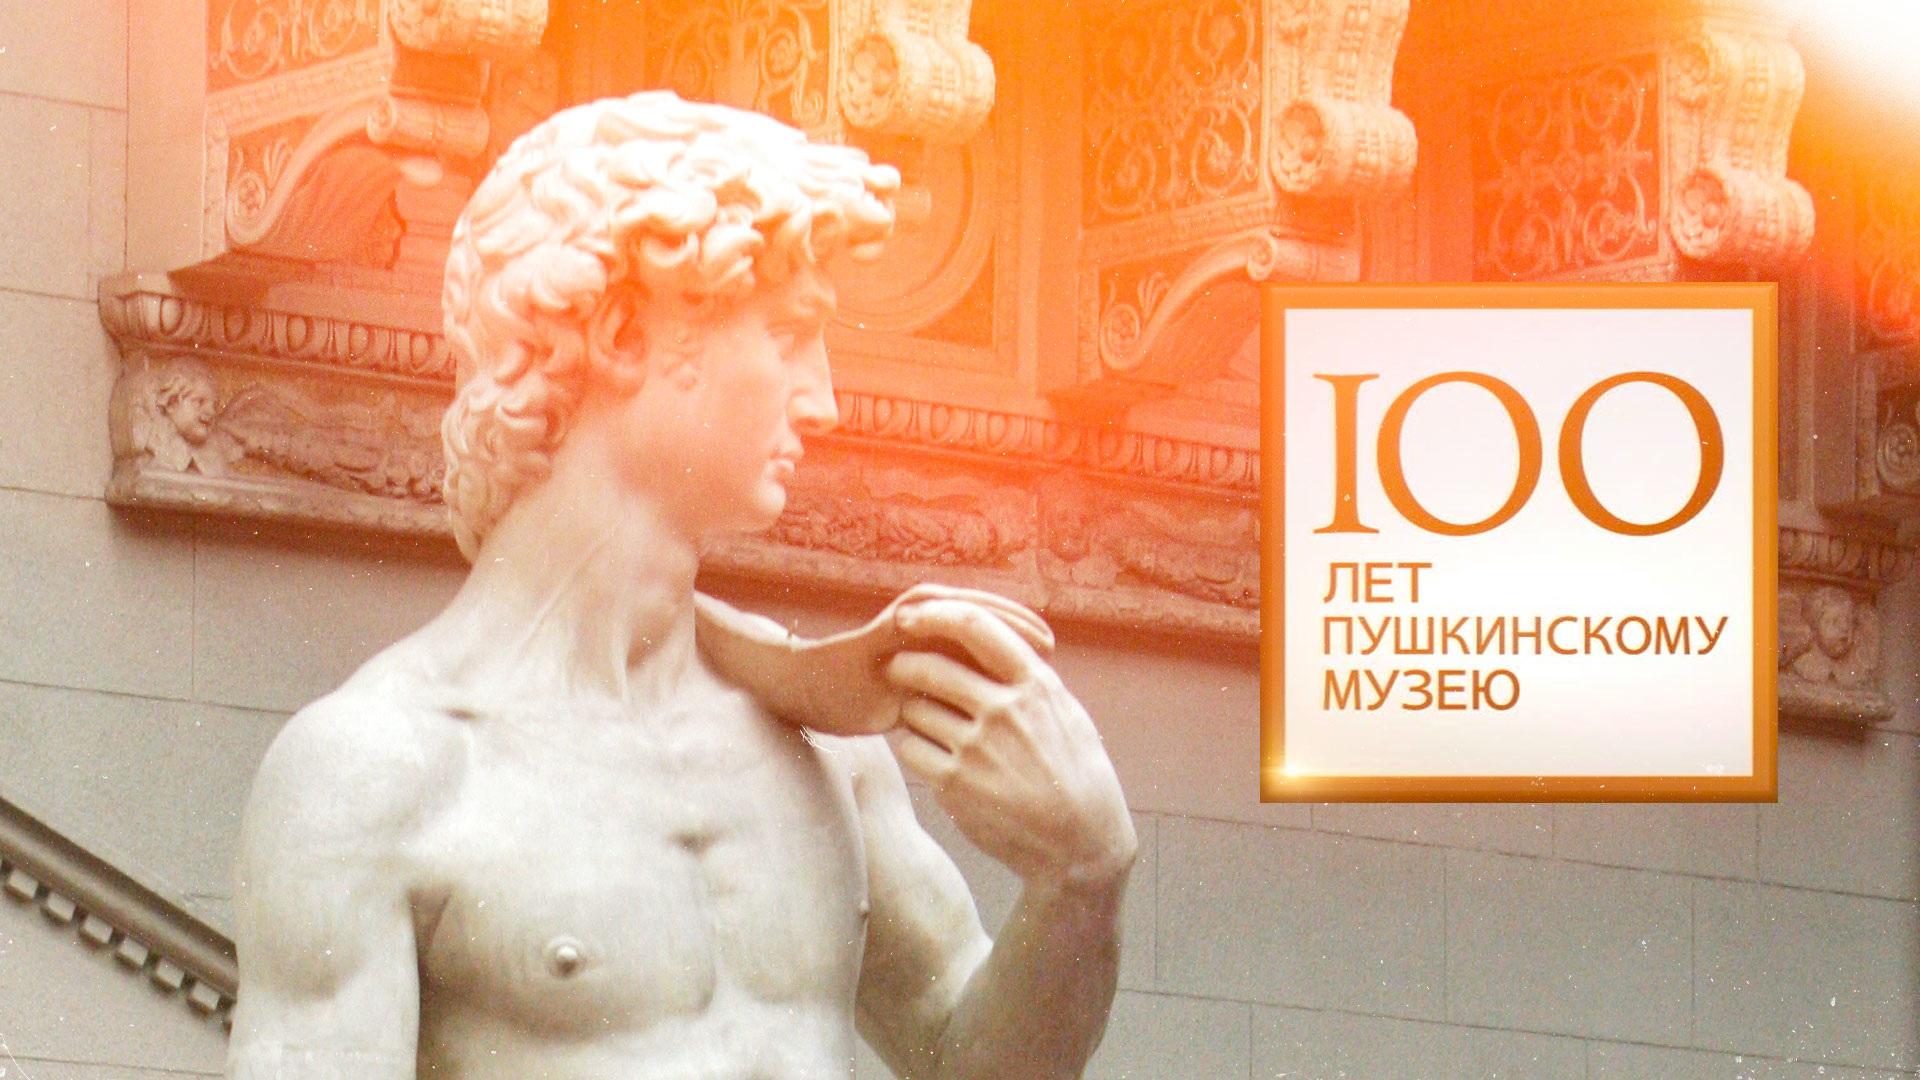 100 лет Пушкинскому музею